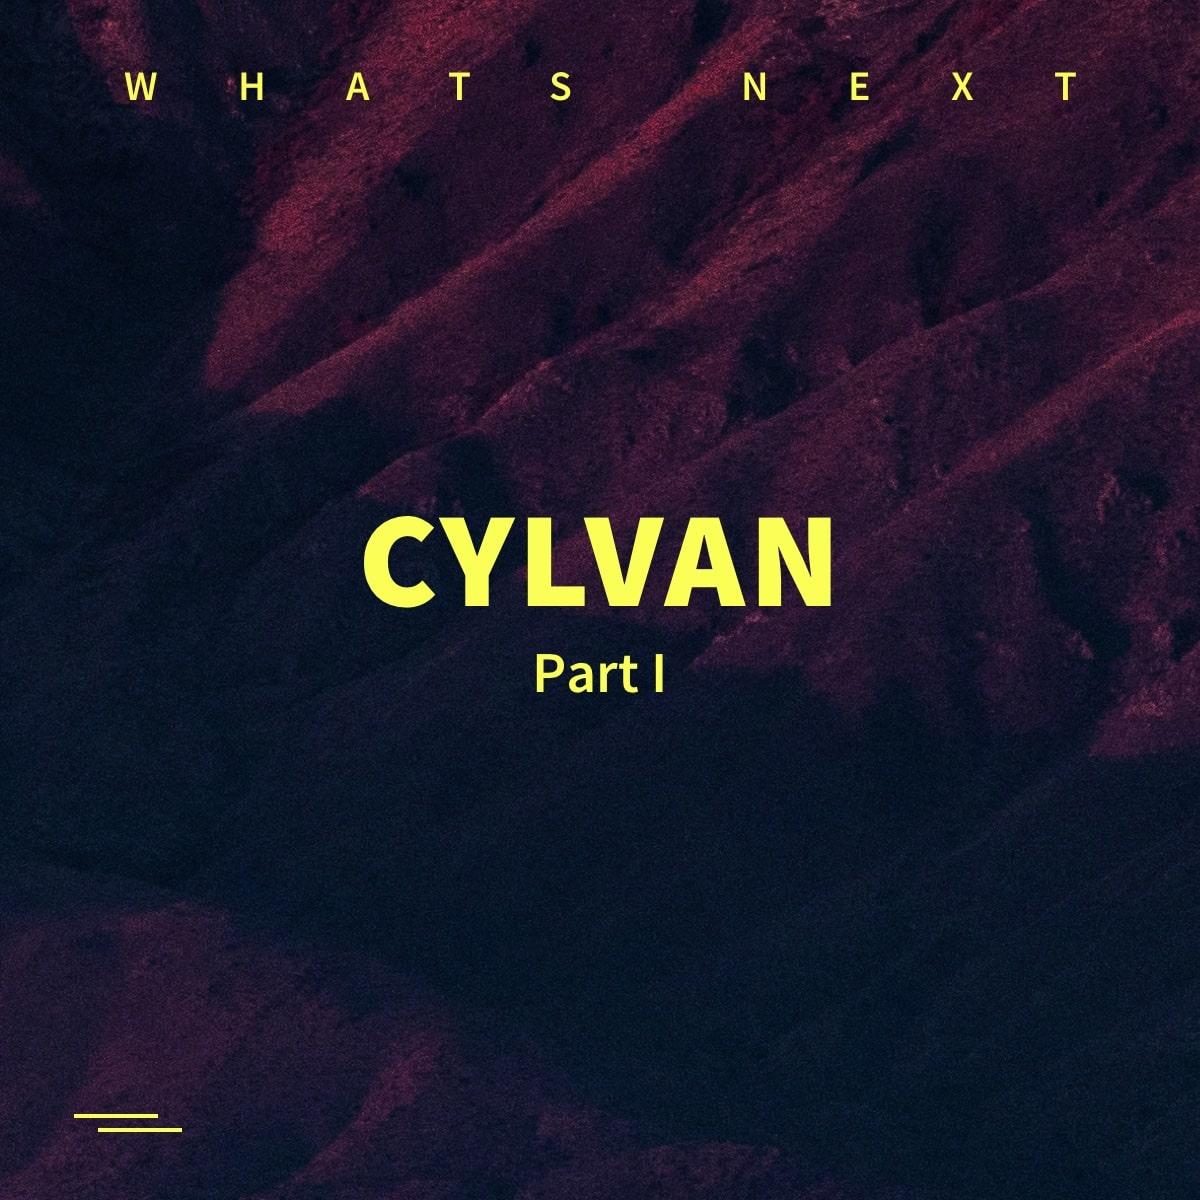 CYLVAN: mein nächstes großes Design Projekt